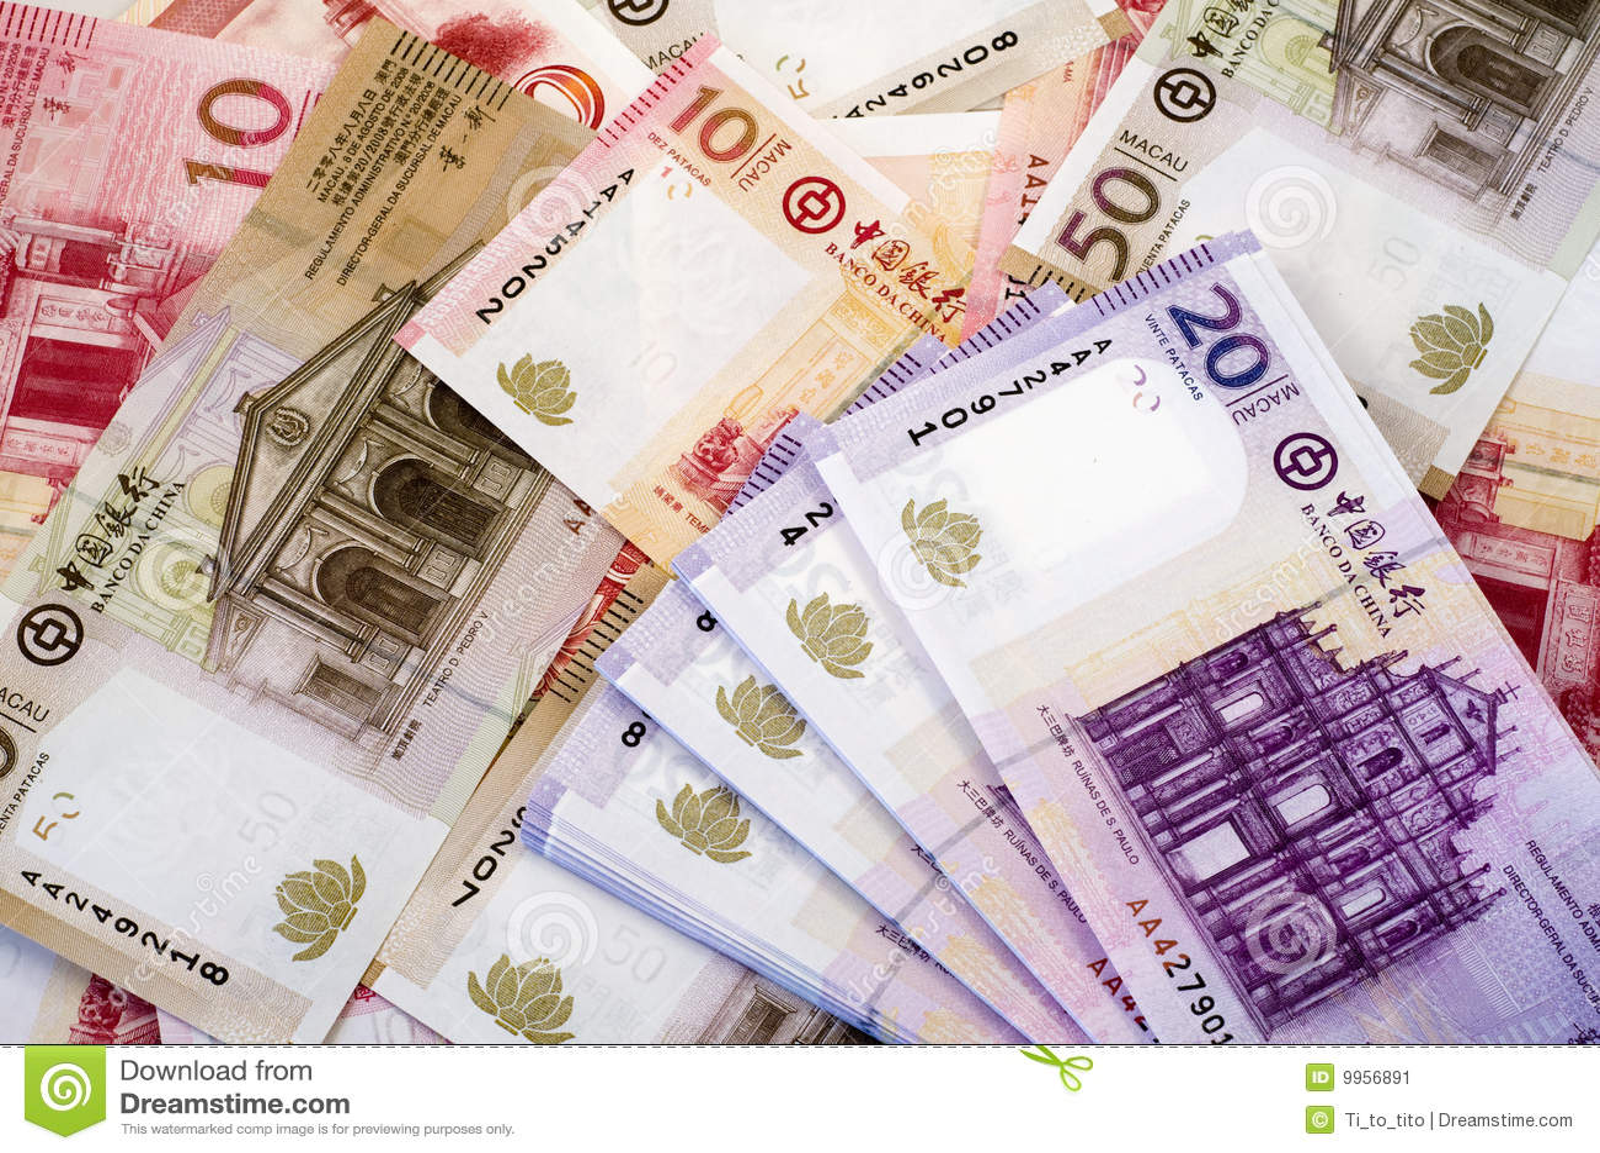 Macau Dollar